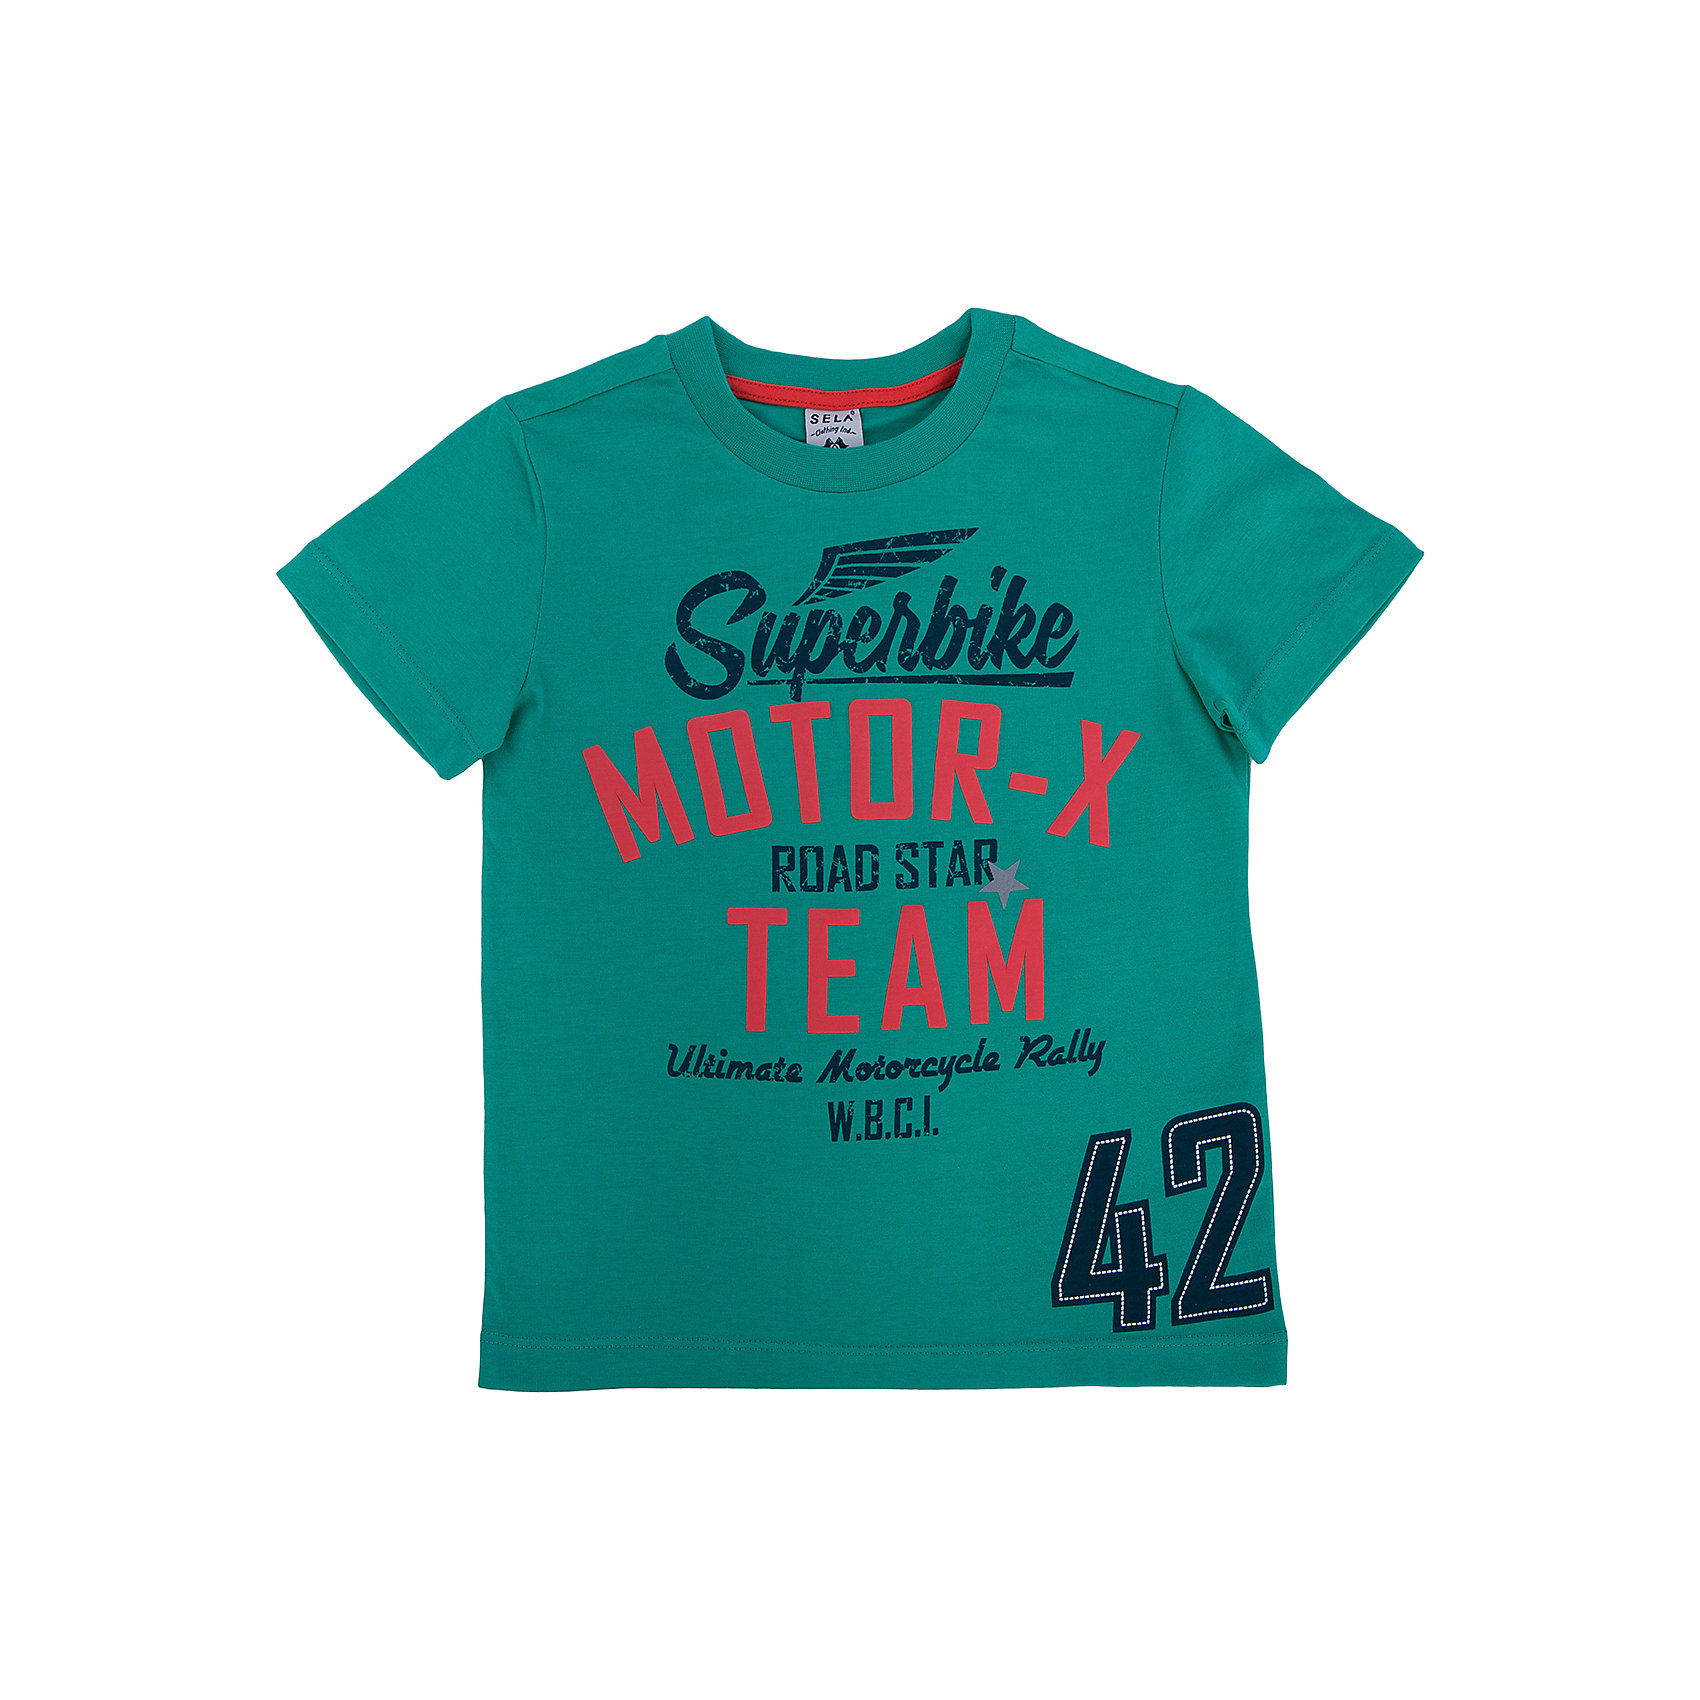 Футболка для мальчика SELAЗамечательная футболка для мальчика от популярного бренда SELA. Изделие выполнено из натурального гипоаллергенного материала, дышащего, мягкого и очень приятного к телу, и обладает следующими особенностями:<br>- насыщенный цвет, яркие принтованные надписи на груди;<br>- круглая горловина; <br>- комфортный крой.<br>Прекрасный выбор для ярких дней!<br><br>Дополнительная информация:<br>- состав: 100% хлопок<br>- цвет: зеленый<br><br>Футболку для мальчика SELA можно купить в нашем магазине<br><br>Ширина мм: 230<br>Глубина мм: 40<br>Высота мм: 220<br>Вес г: 250<br>Цвет: зеленый<br>Возраст от месяцев: 18<br>Возраст до месяцев: 24<br>Пол: Мужской<br>Возраст: Детский<br>Размер: 92,116,110,104,98<br>SKU: 4741213